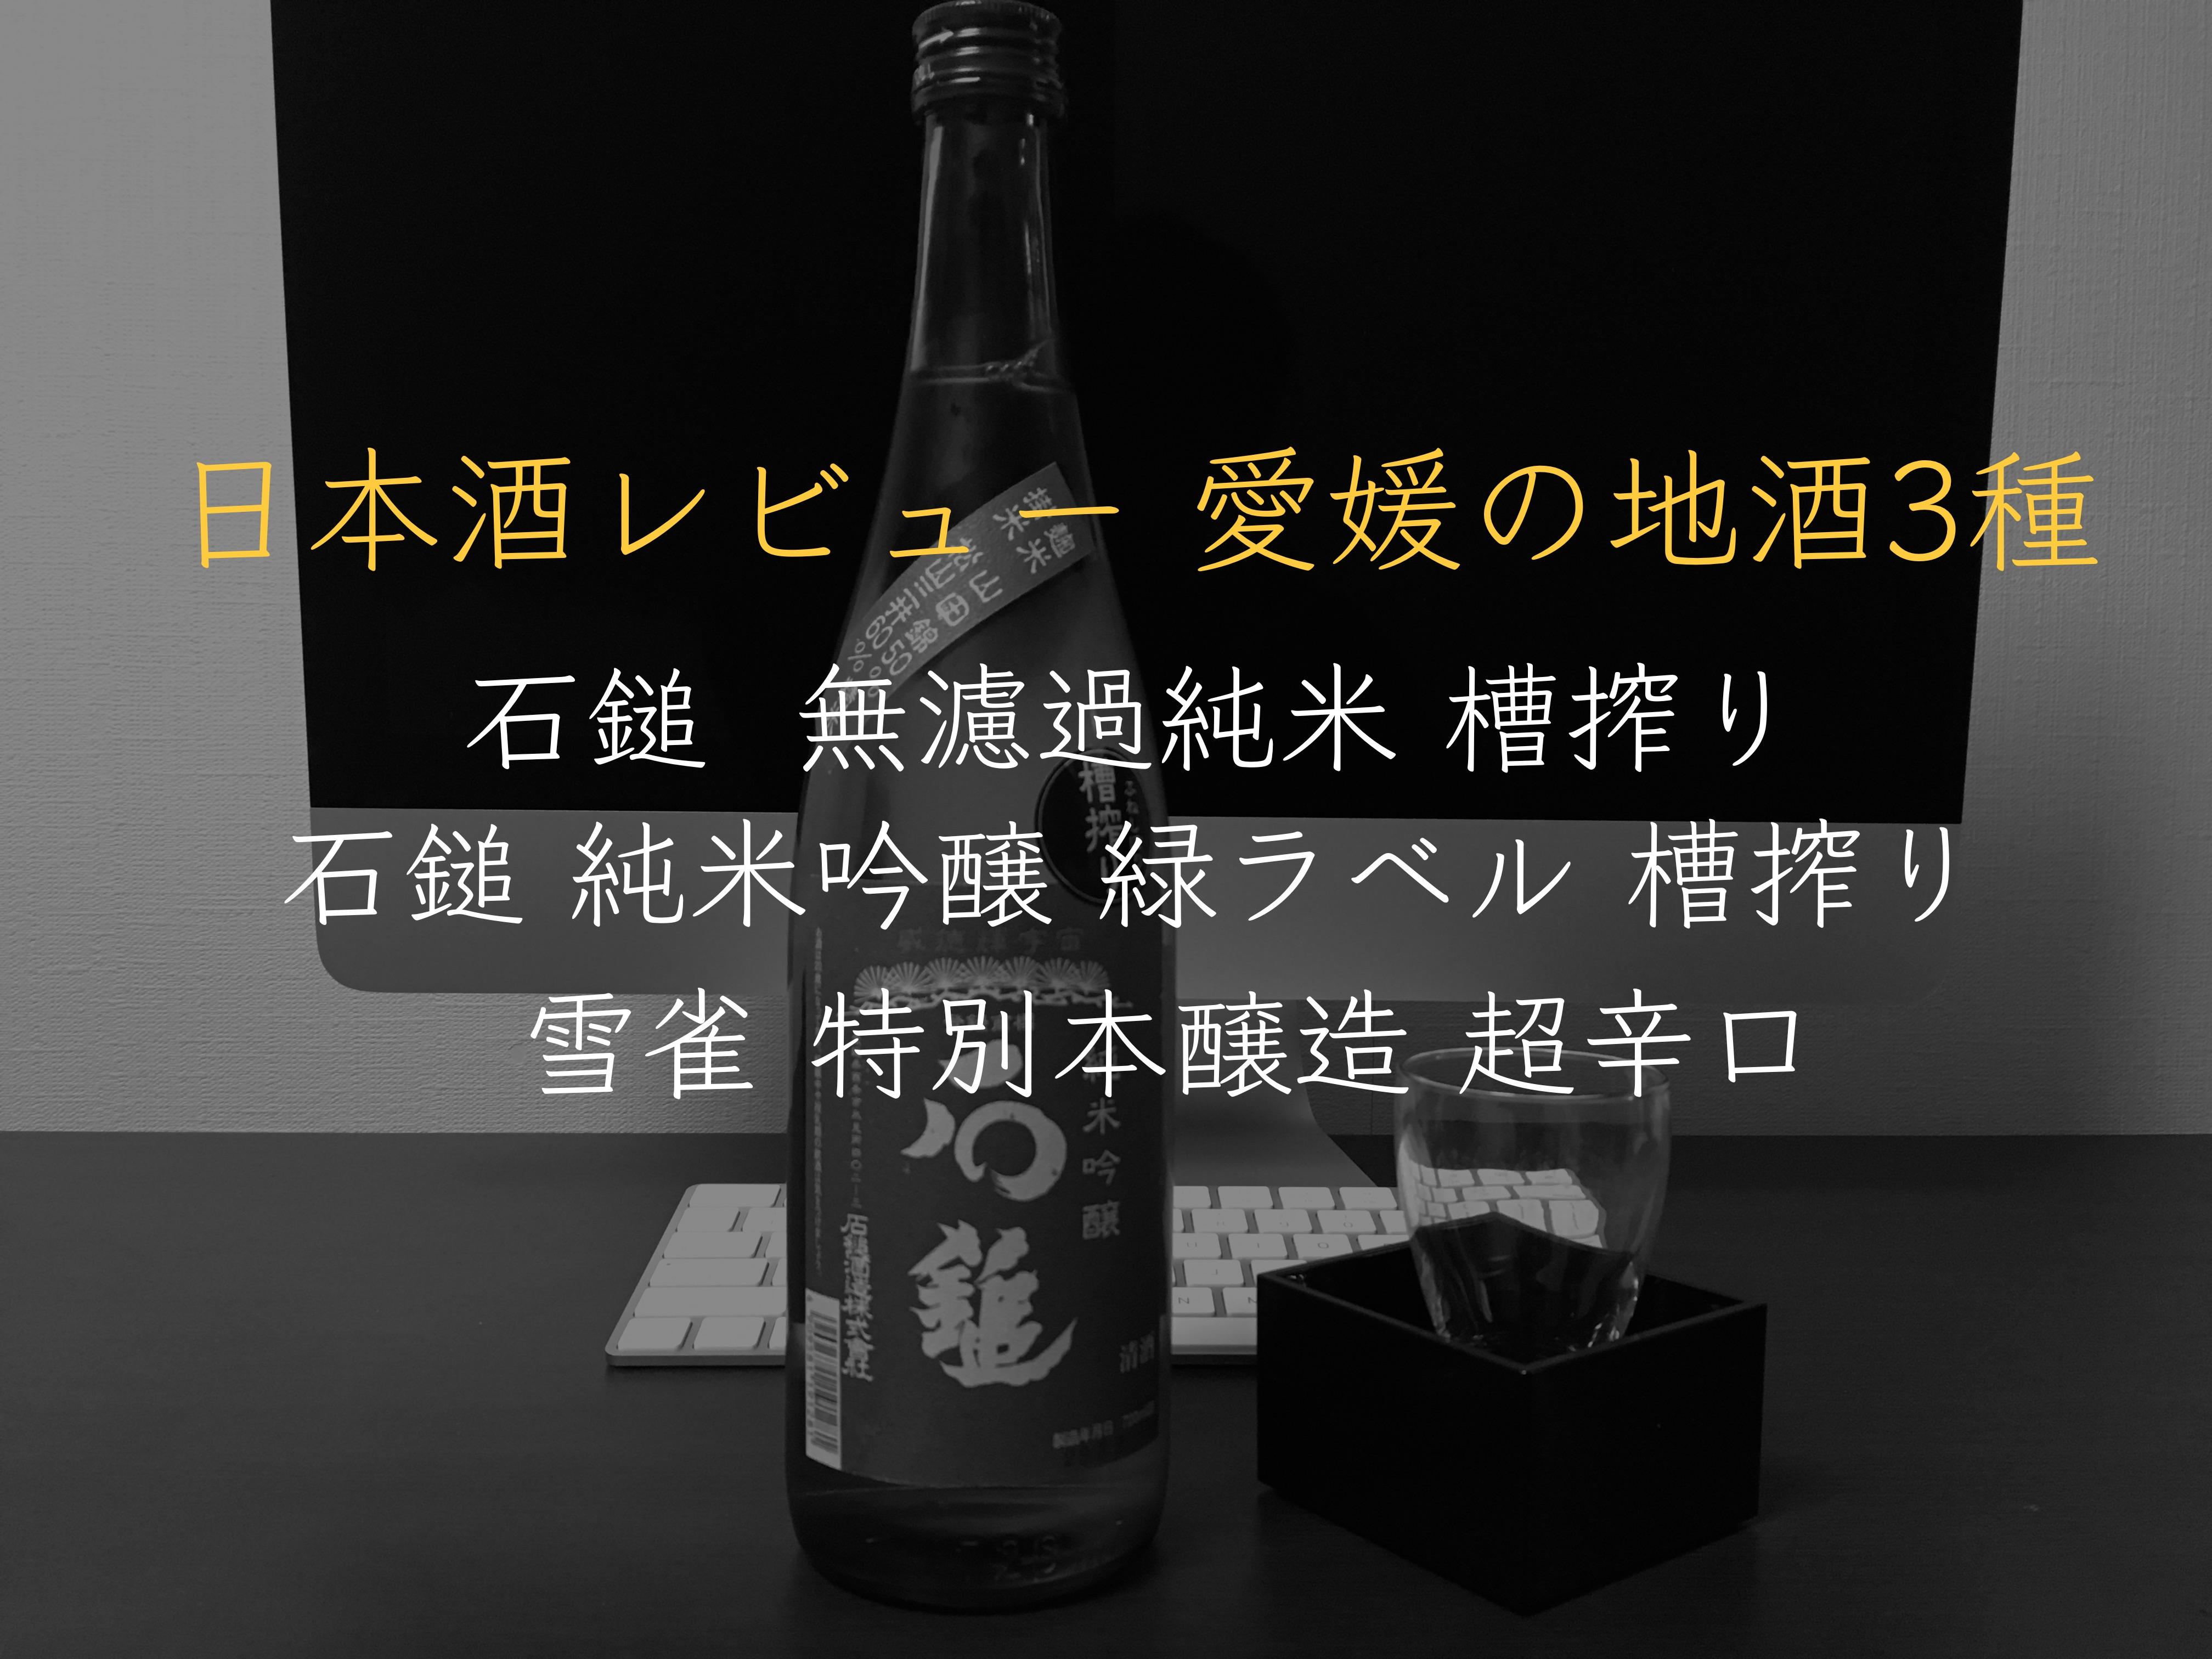 愛媛の酒レビュー3